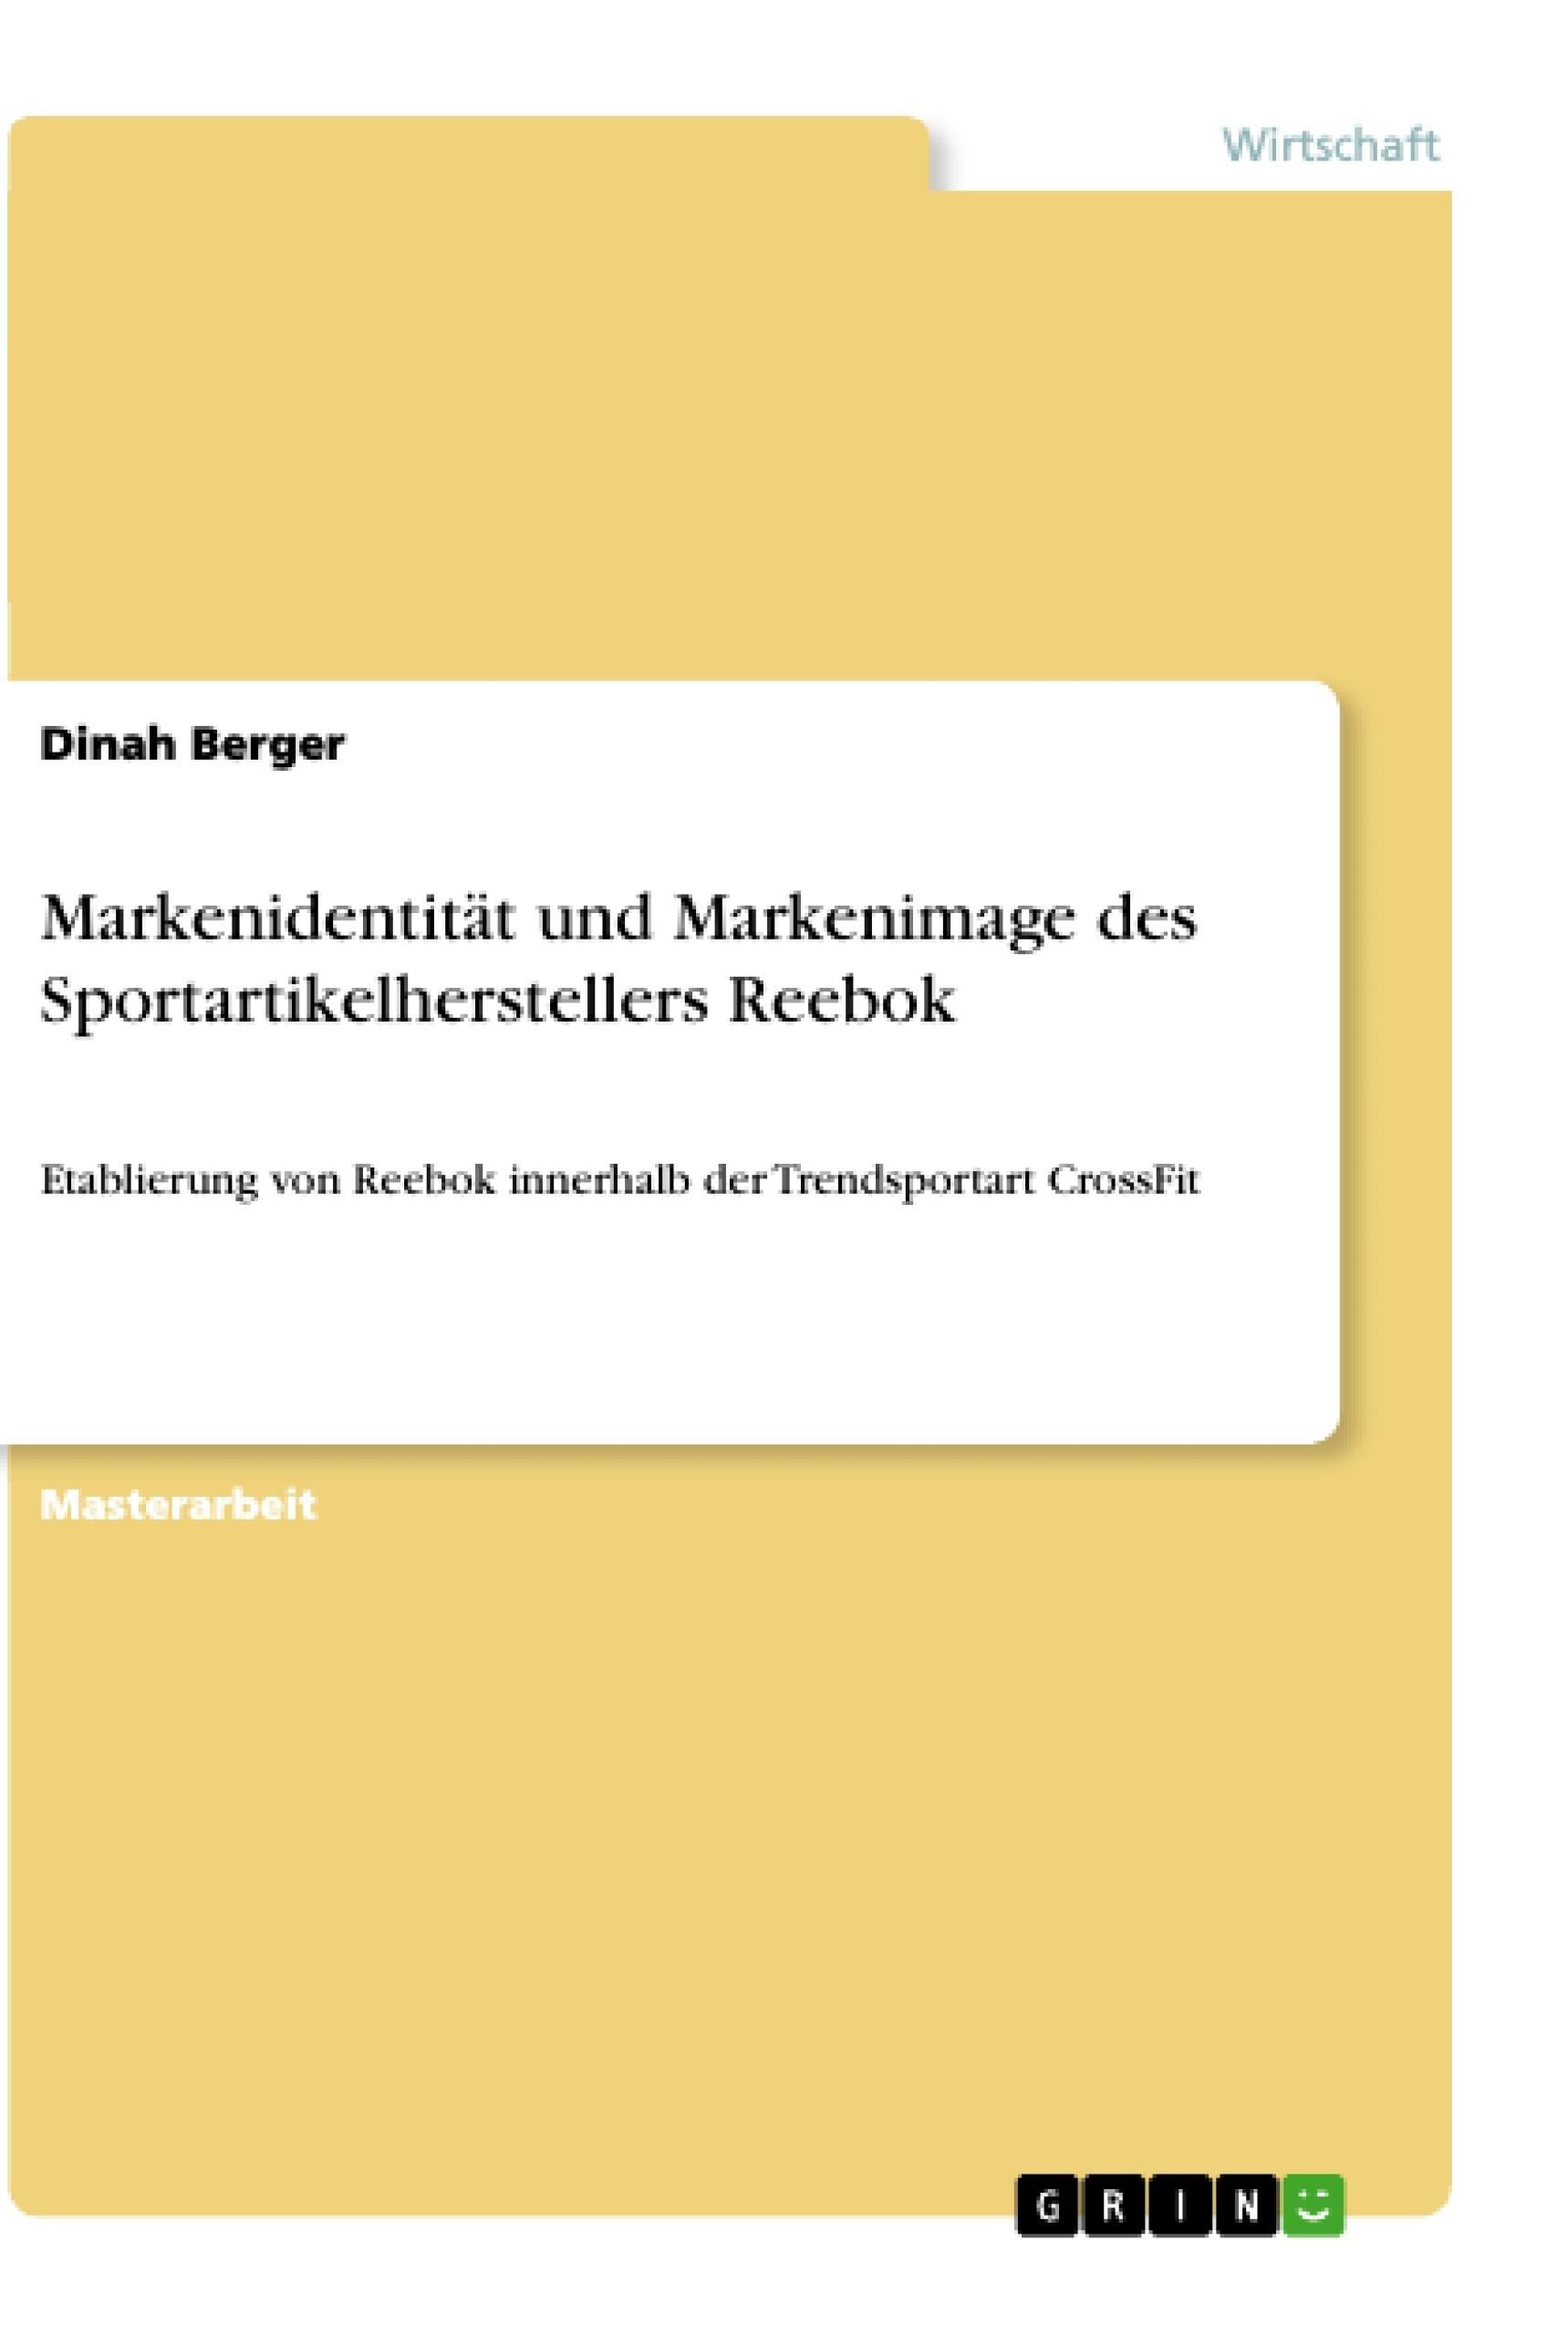 Titel: Markenidentität und Markenimage des Sportartikelherstellers Reebok